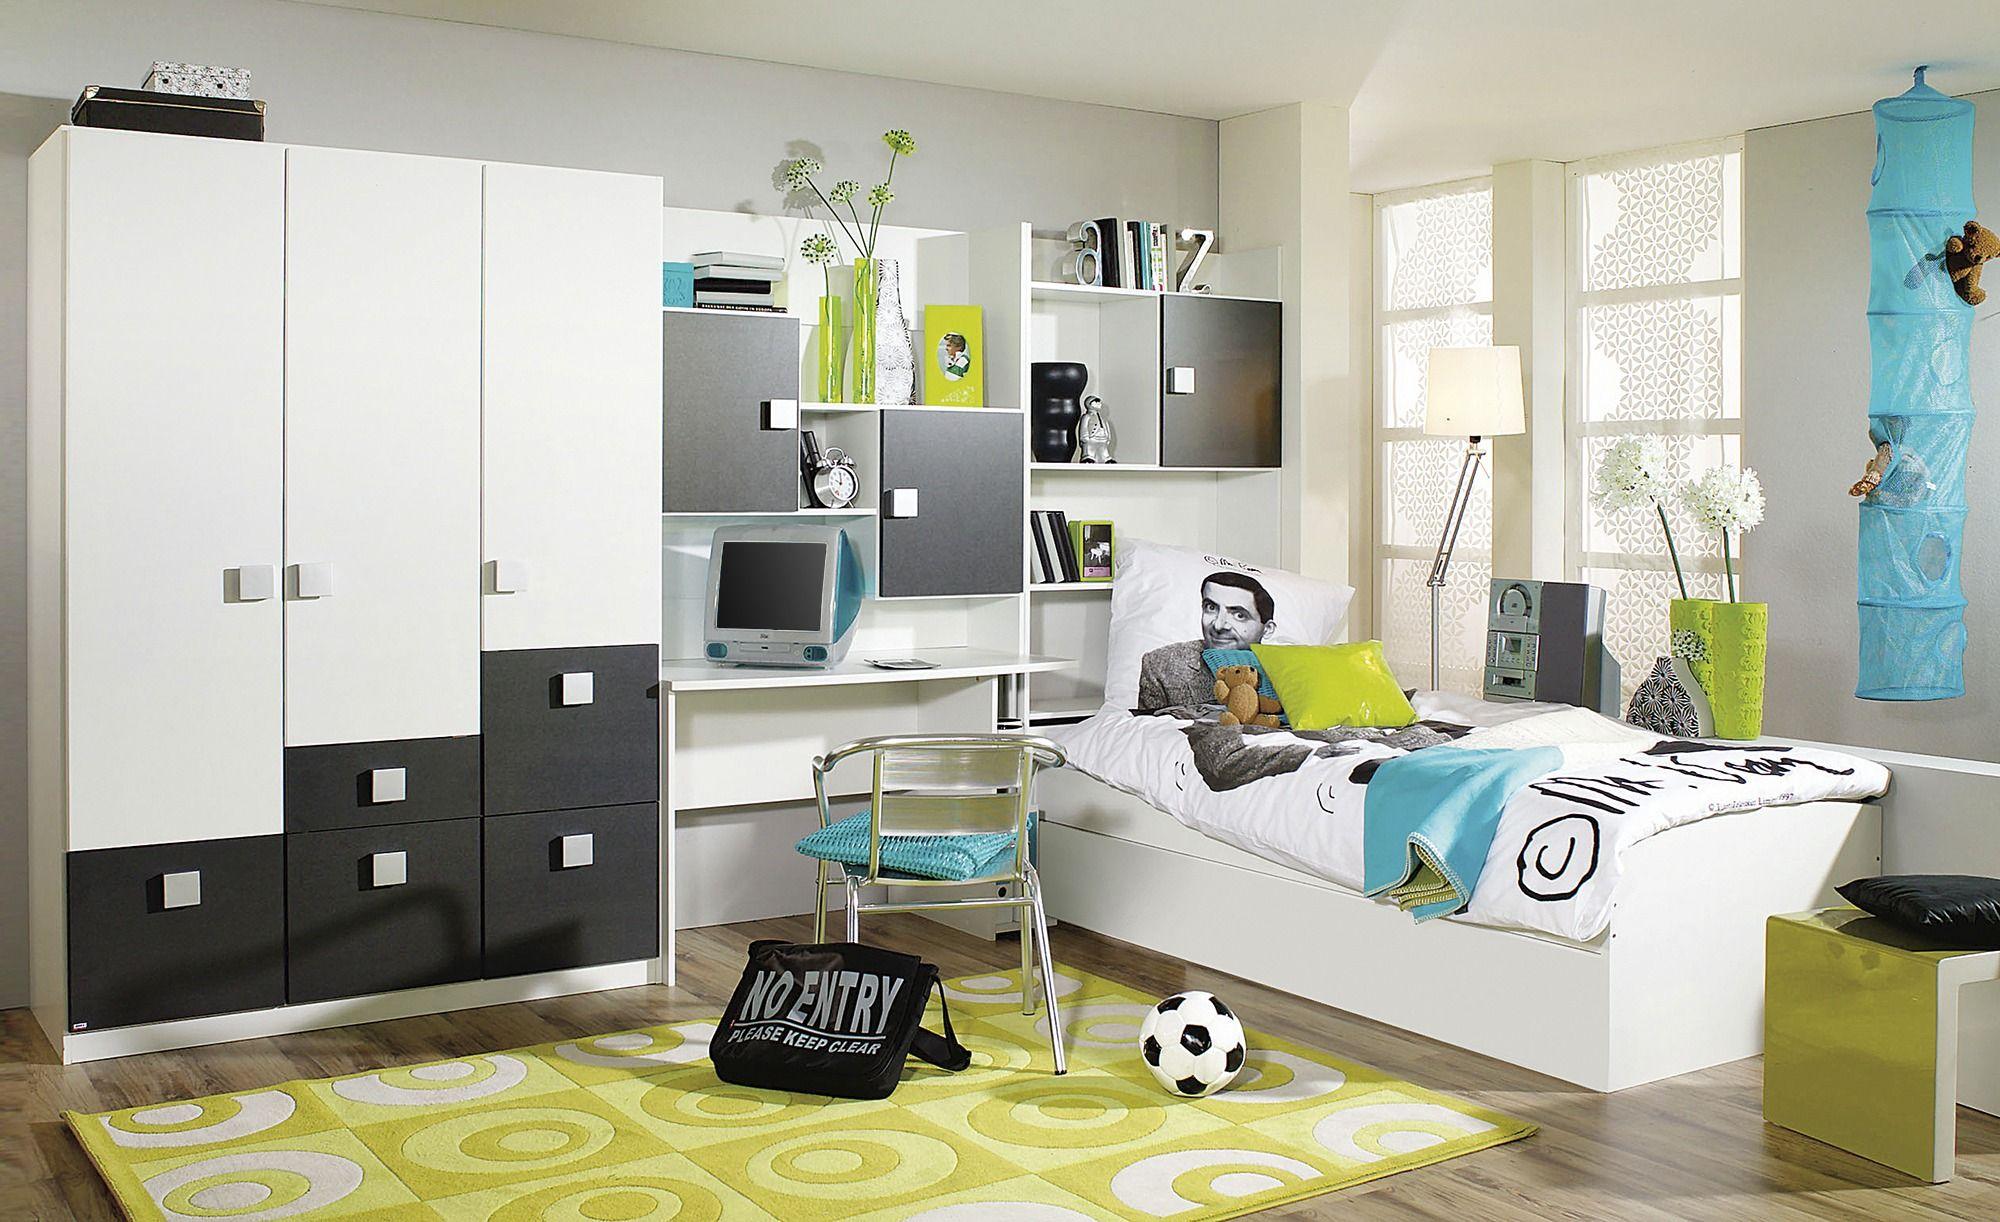 Full Size of Ikea Mbel Gnstig Jugendzimmer Komplett Nazarm Sofa Mit Schlaffunktion Miniküche Modulküche Betten Bei Küche Kaufen Bett Kosten 160x200 Wohnzimmer Ikea Jugendzimmer